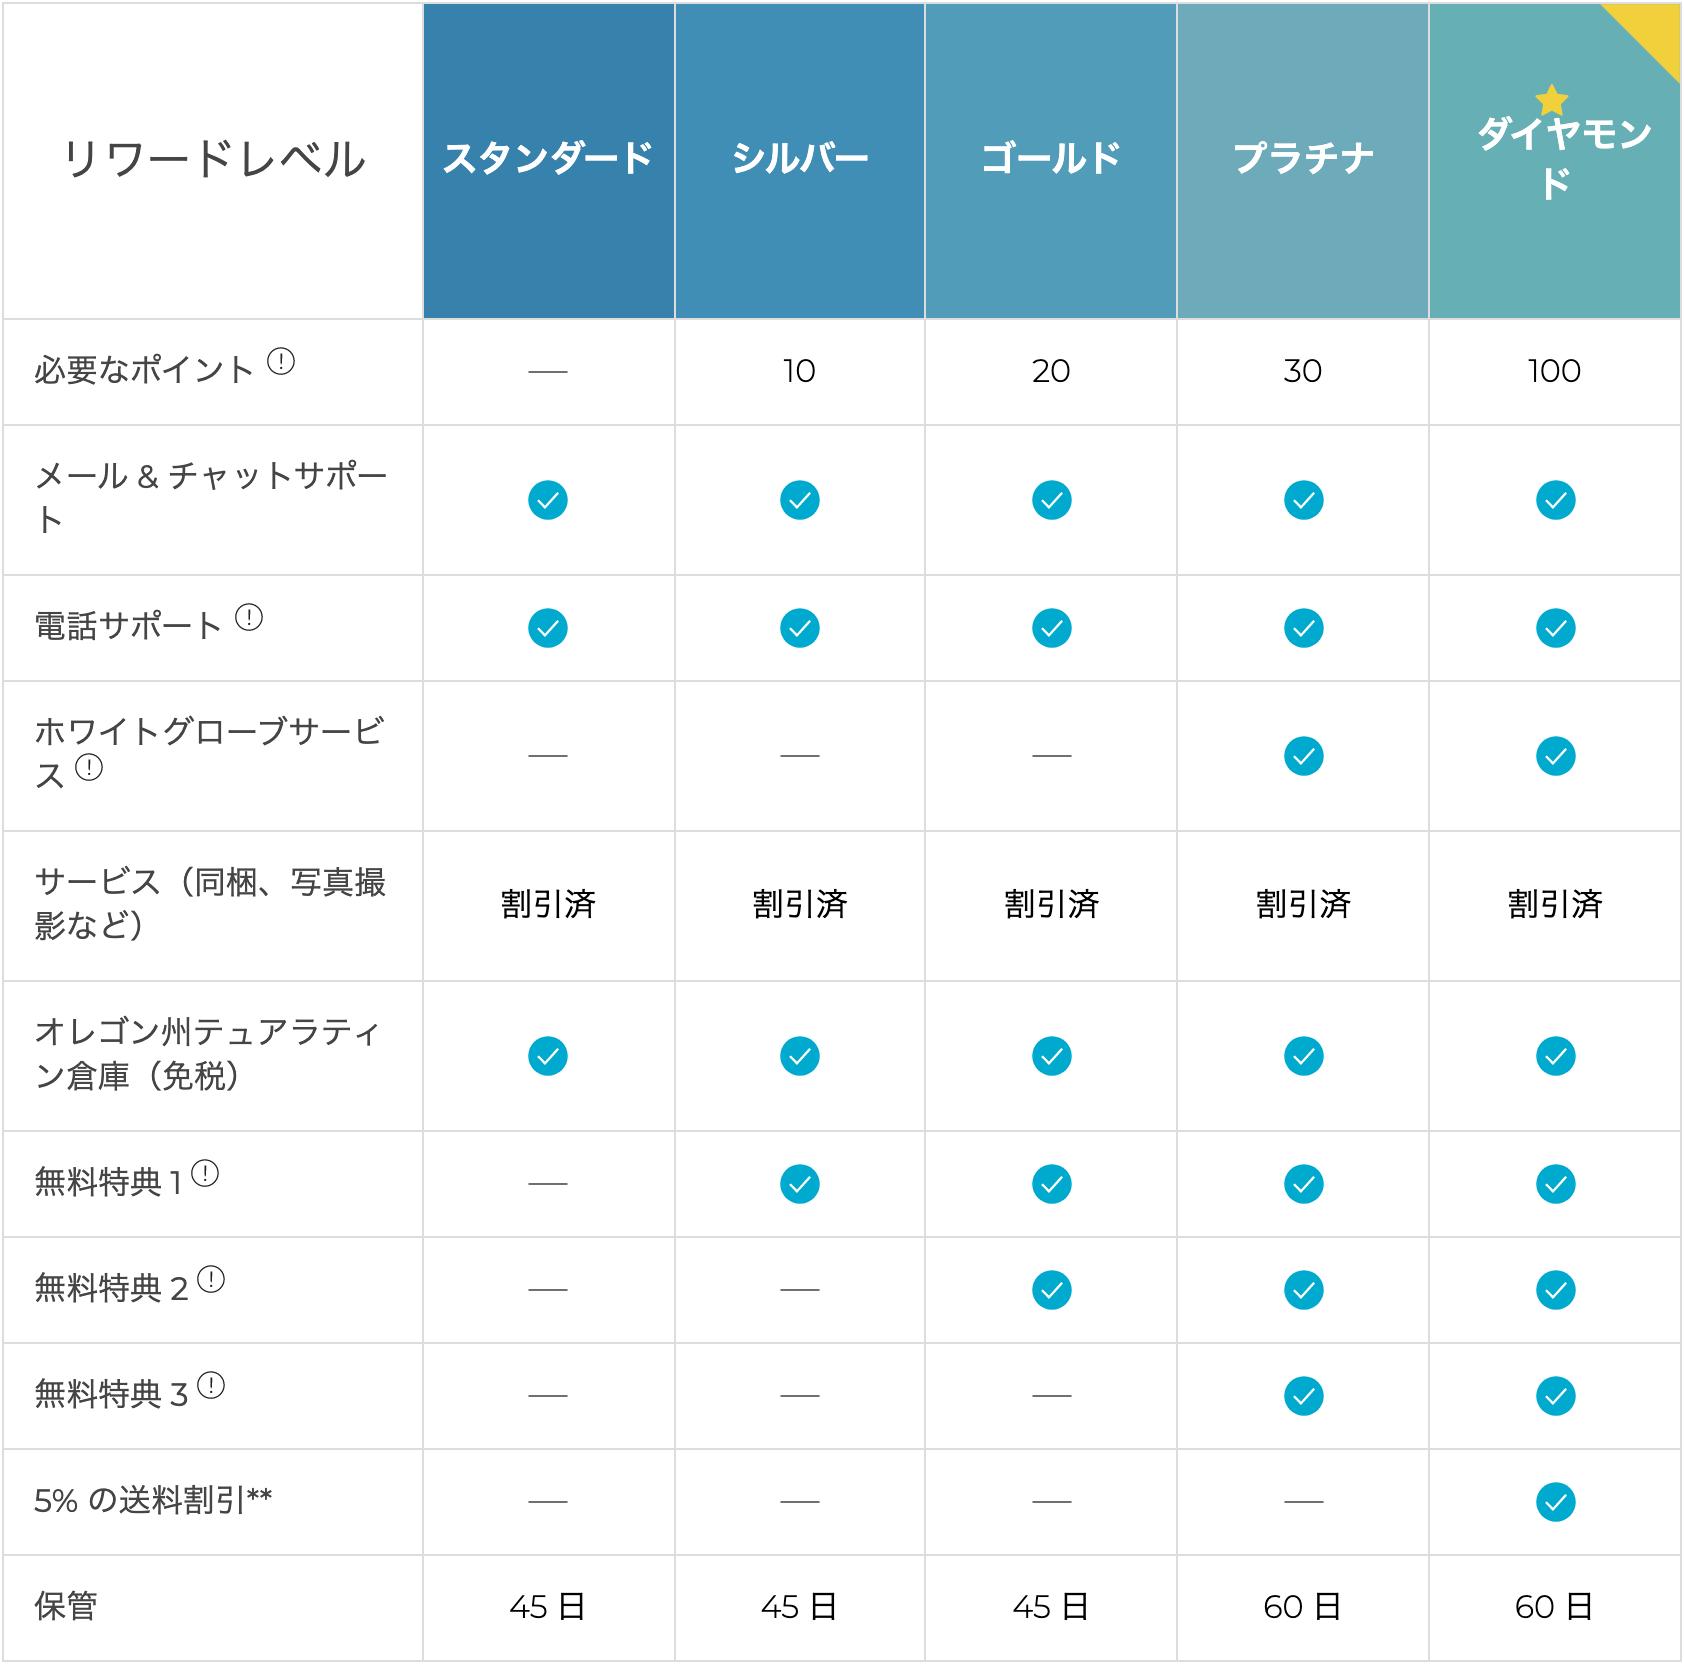 Shipitoの料金システム リワードレベル(スタンダード、シルバー、ゴールド、プラチナ、ダイヤモンド)